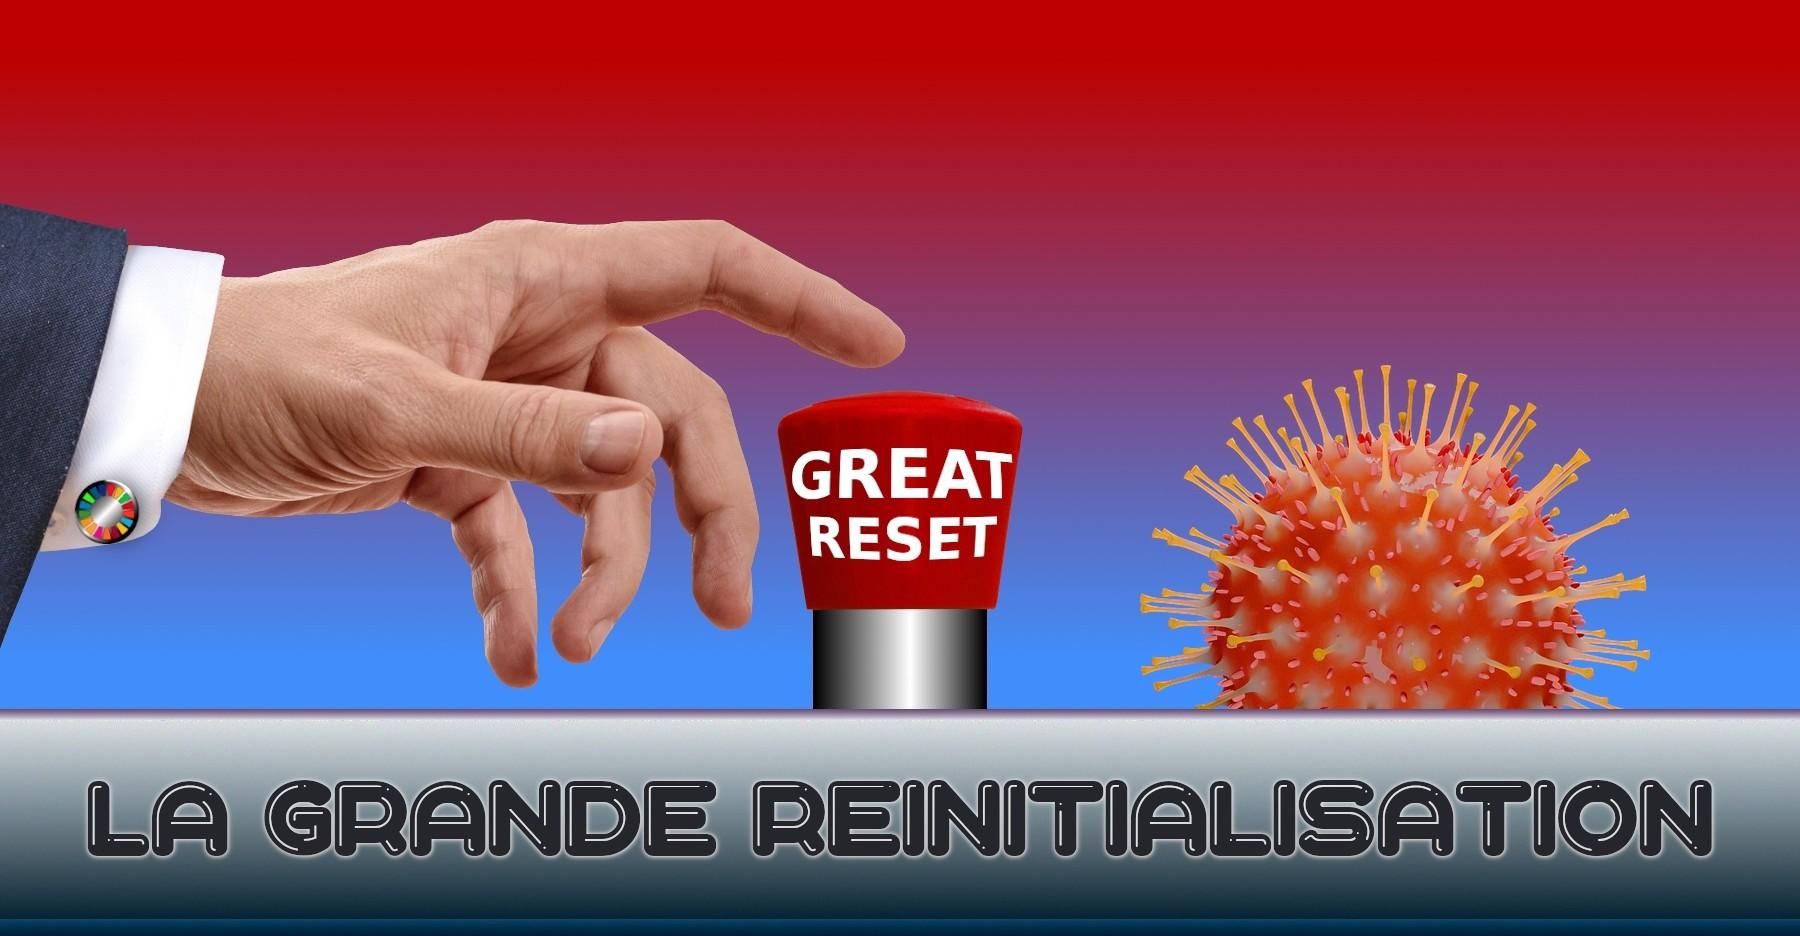 Le Grand Reset - La Grande Réinitialisation.